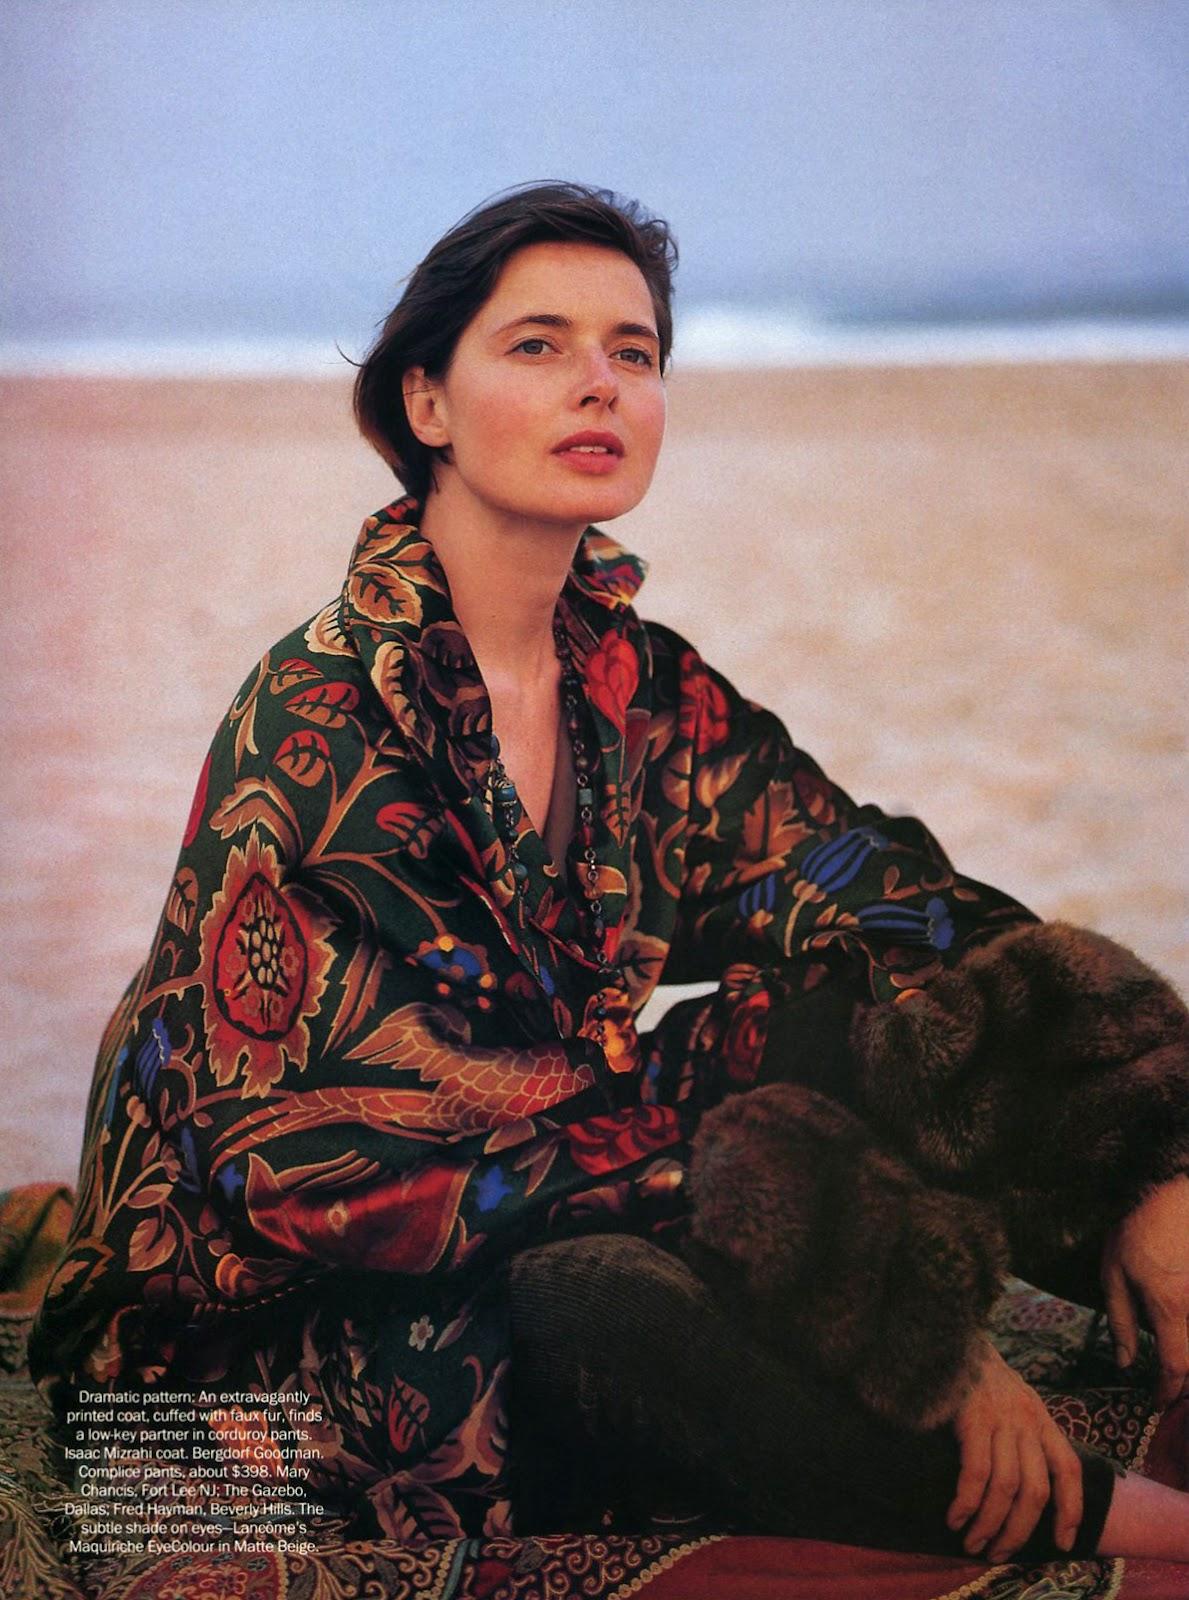 http://2.bp.blogspot.com/-HOWxkP-Wy50/UHRbs06v0LI/AAAAAAAAKOM/WHThzoCCTMw/s1600/Isabella+Rossellini+1993+11+Vogue+Us+Ph+Fabrizio+Ferri+004.jpg